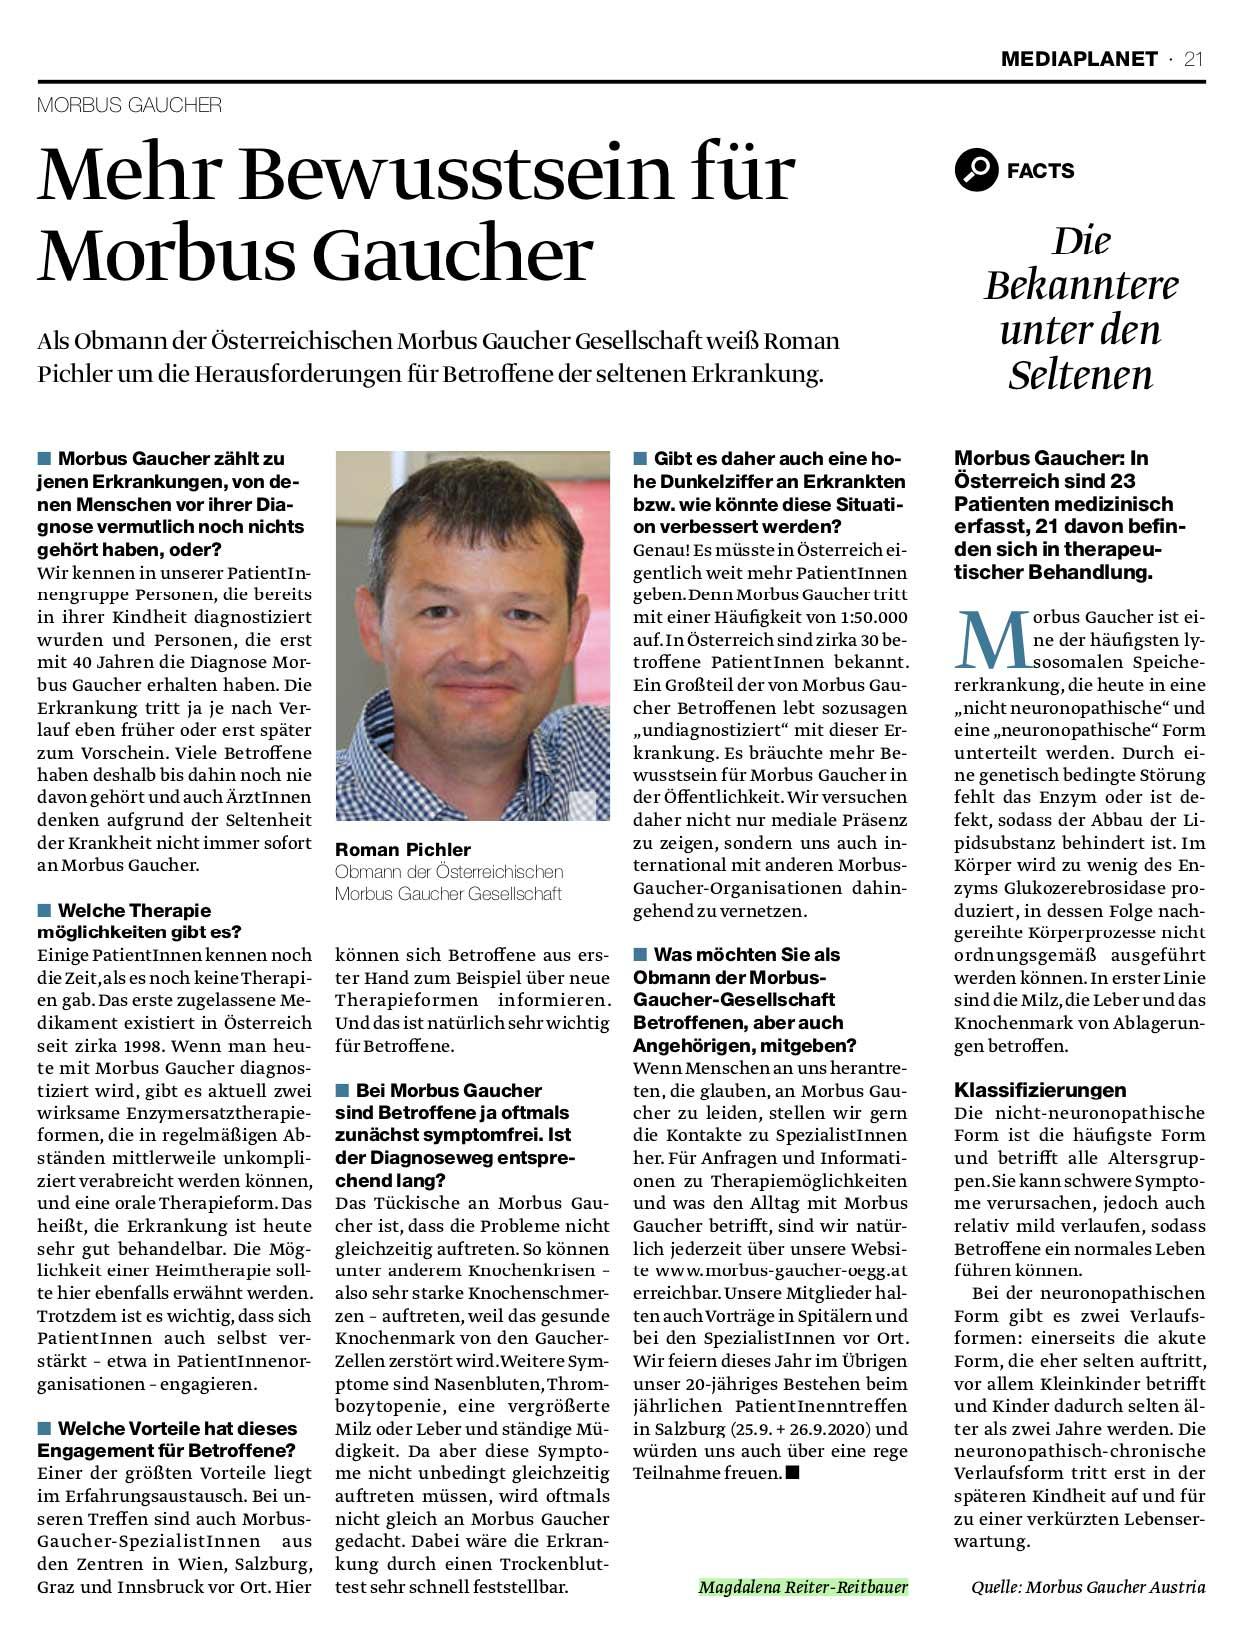 Artikel Mehr Bewusstsein für Morbus Gaucher